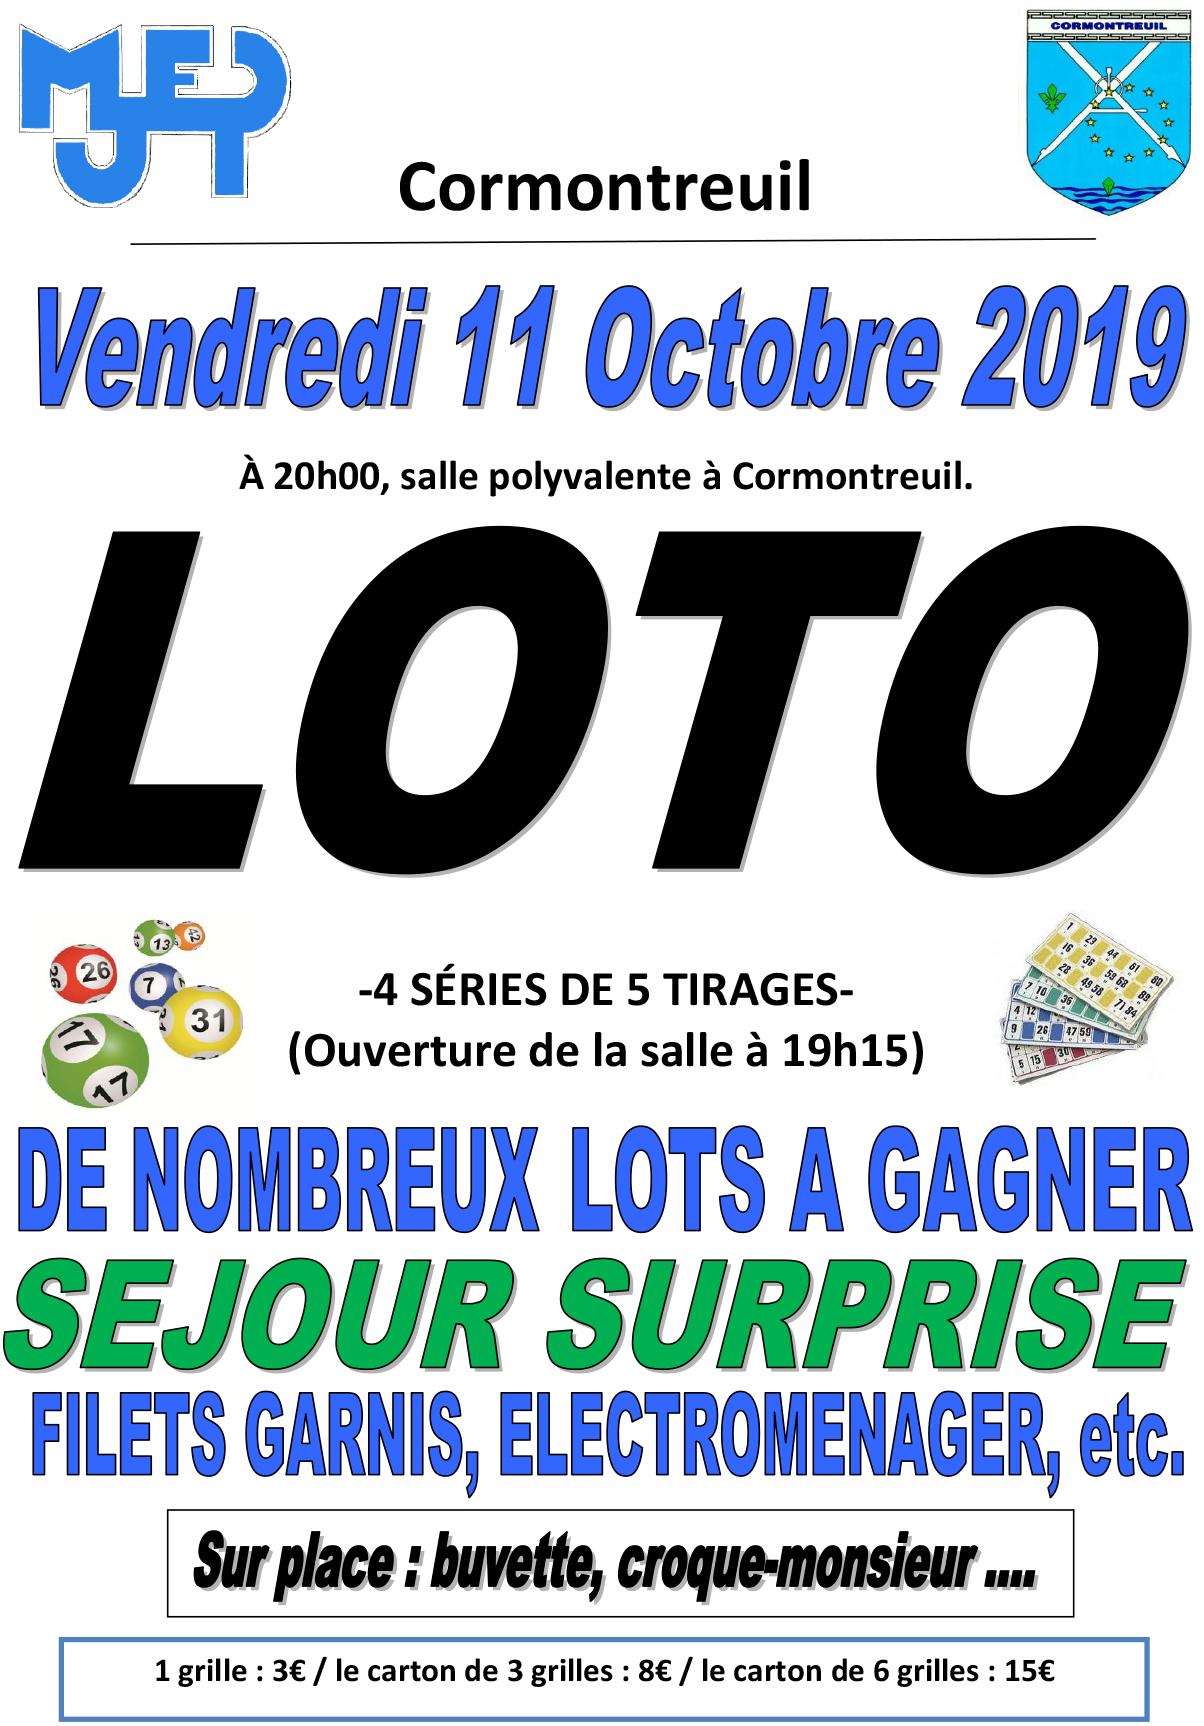 Cormontreuil 11 octobre 2019 20h salle polyvalente loto